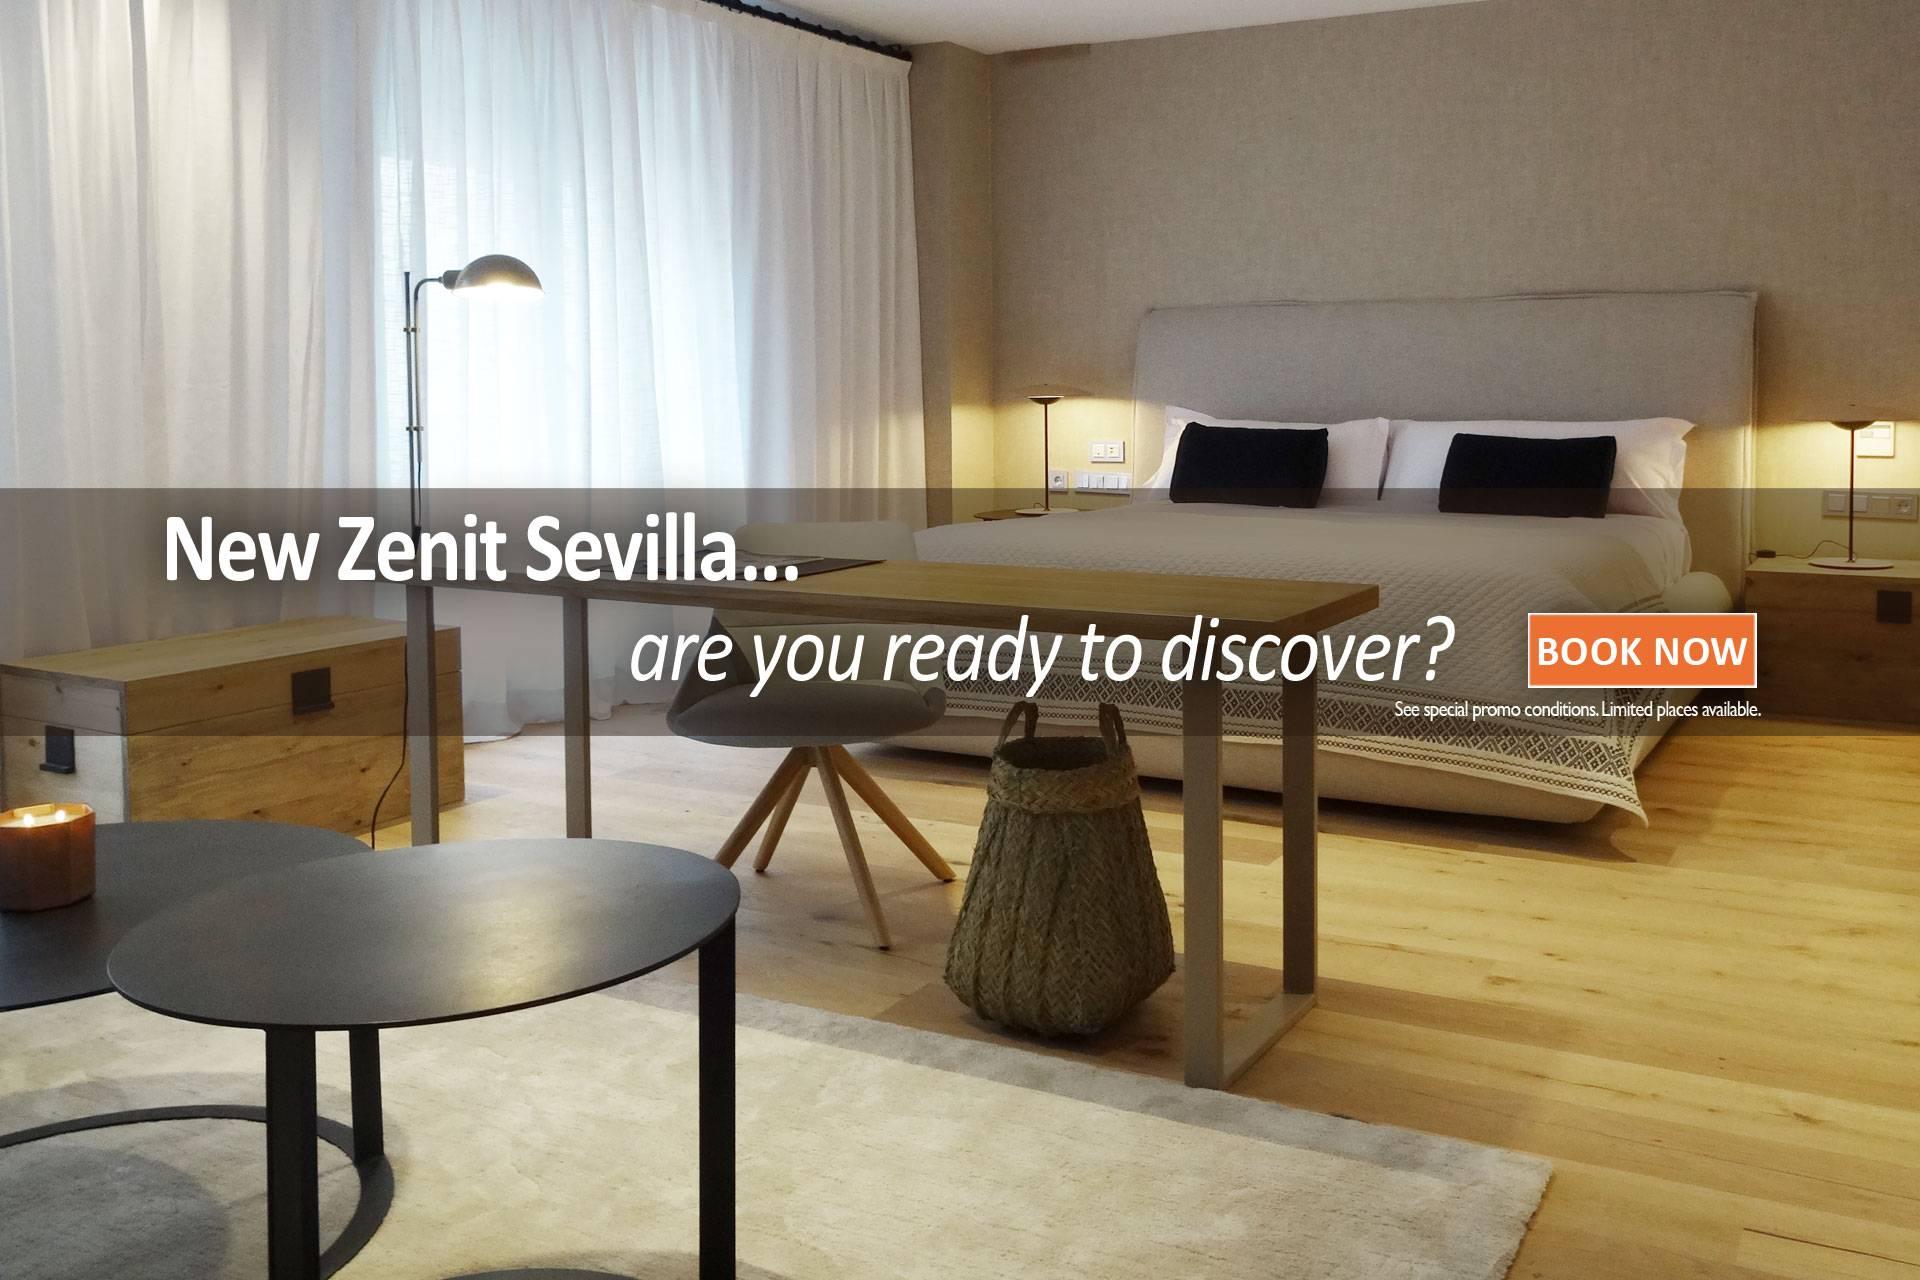 Zenit Sevilla